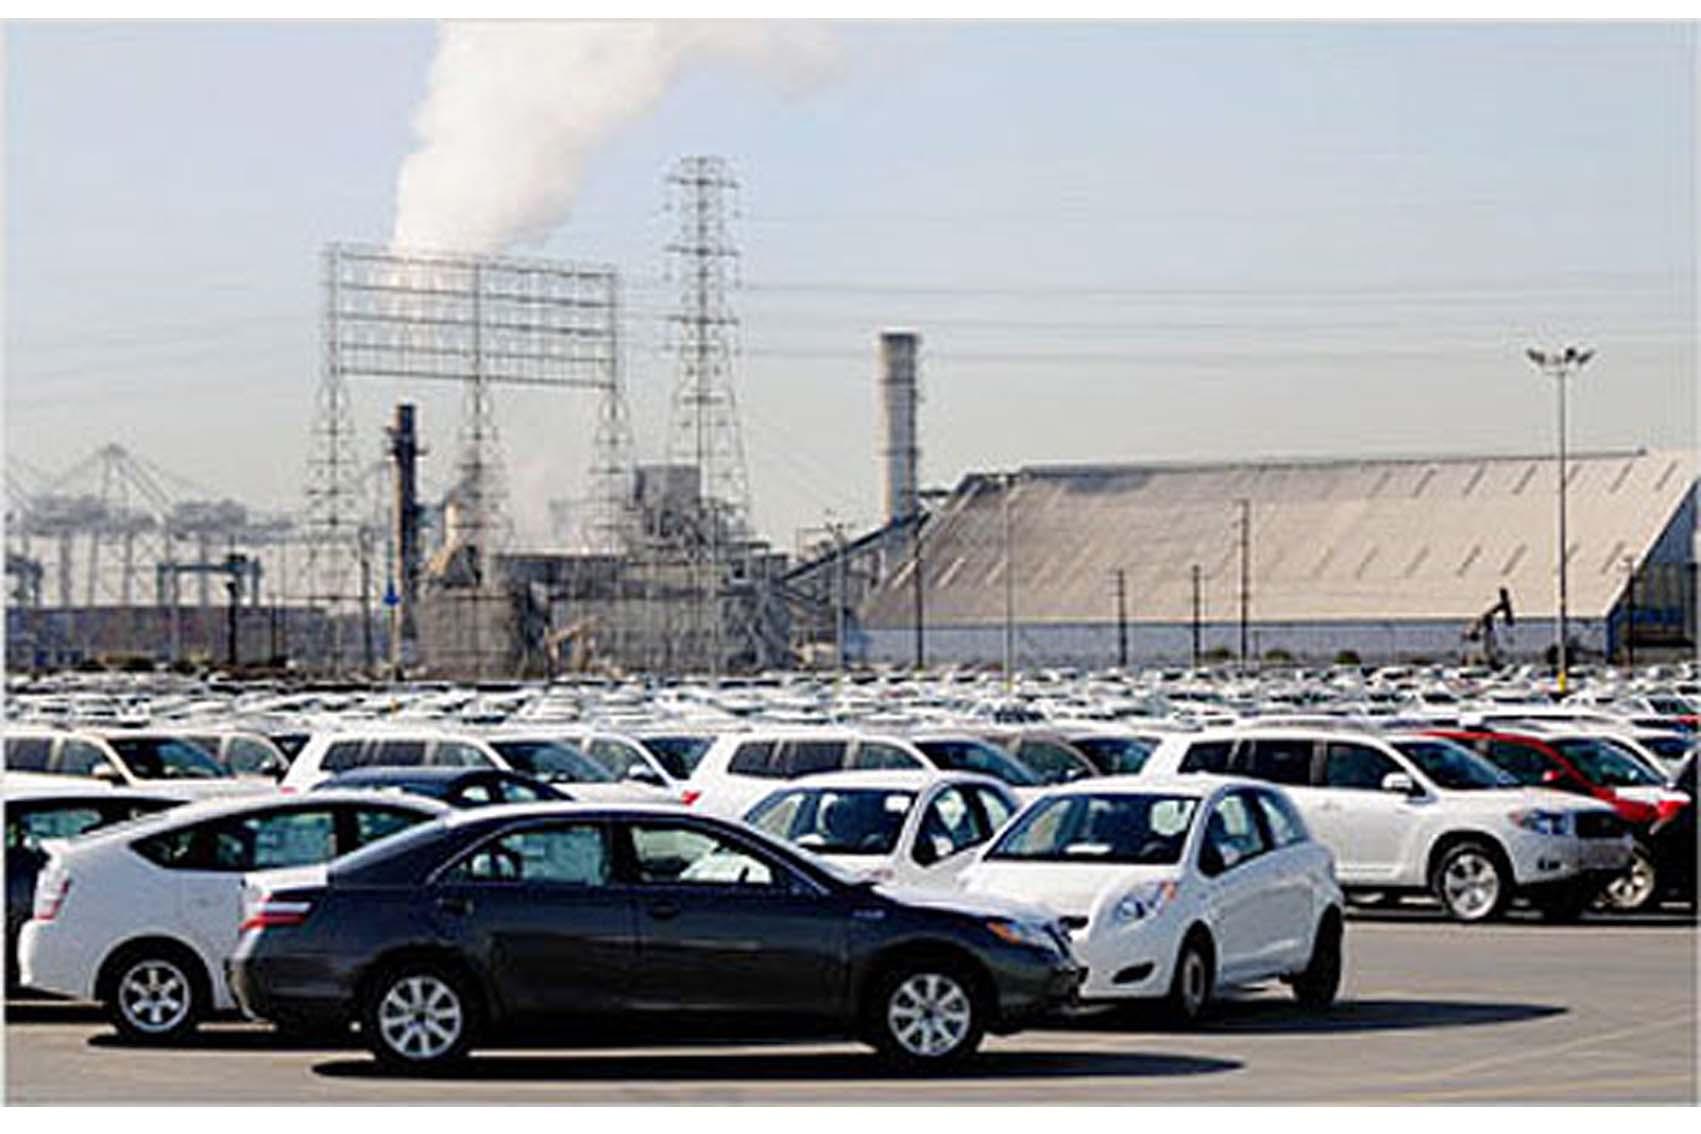 Cục trưởng Cục Đăng kiểm: Thông tư mới không hạn chế kinh doanh xe ô tô nhập khẩu